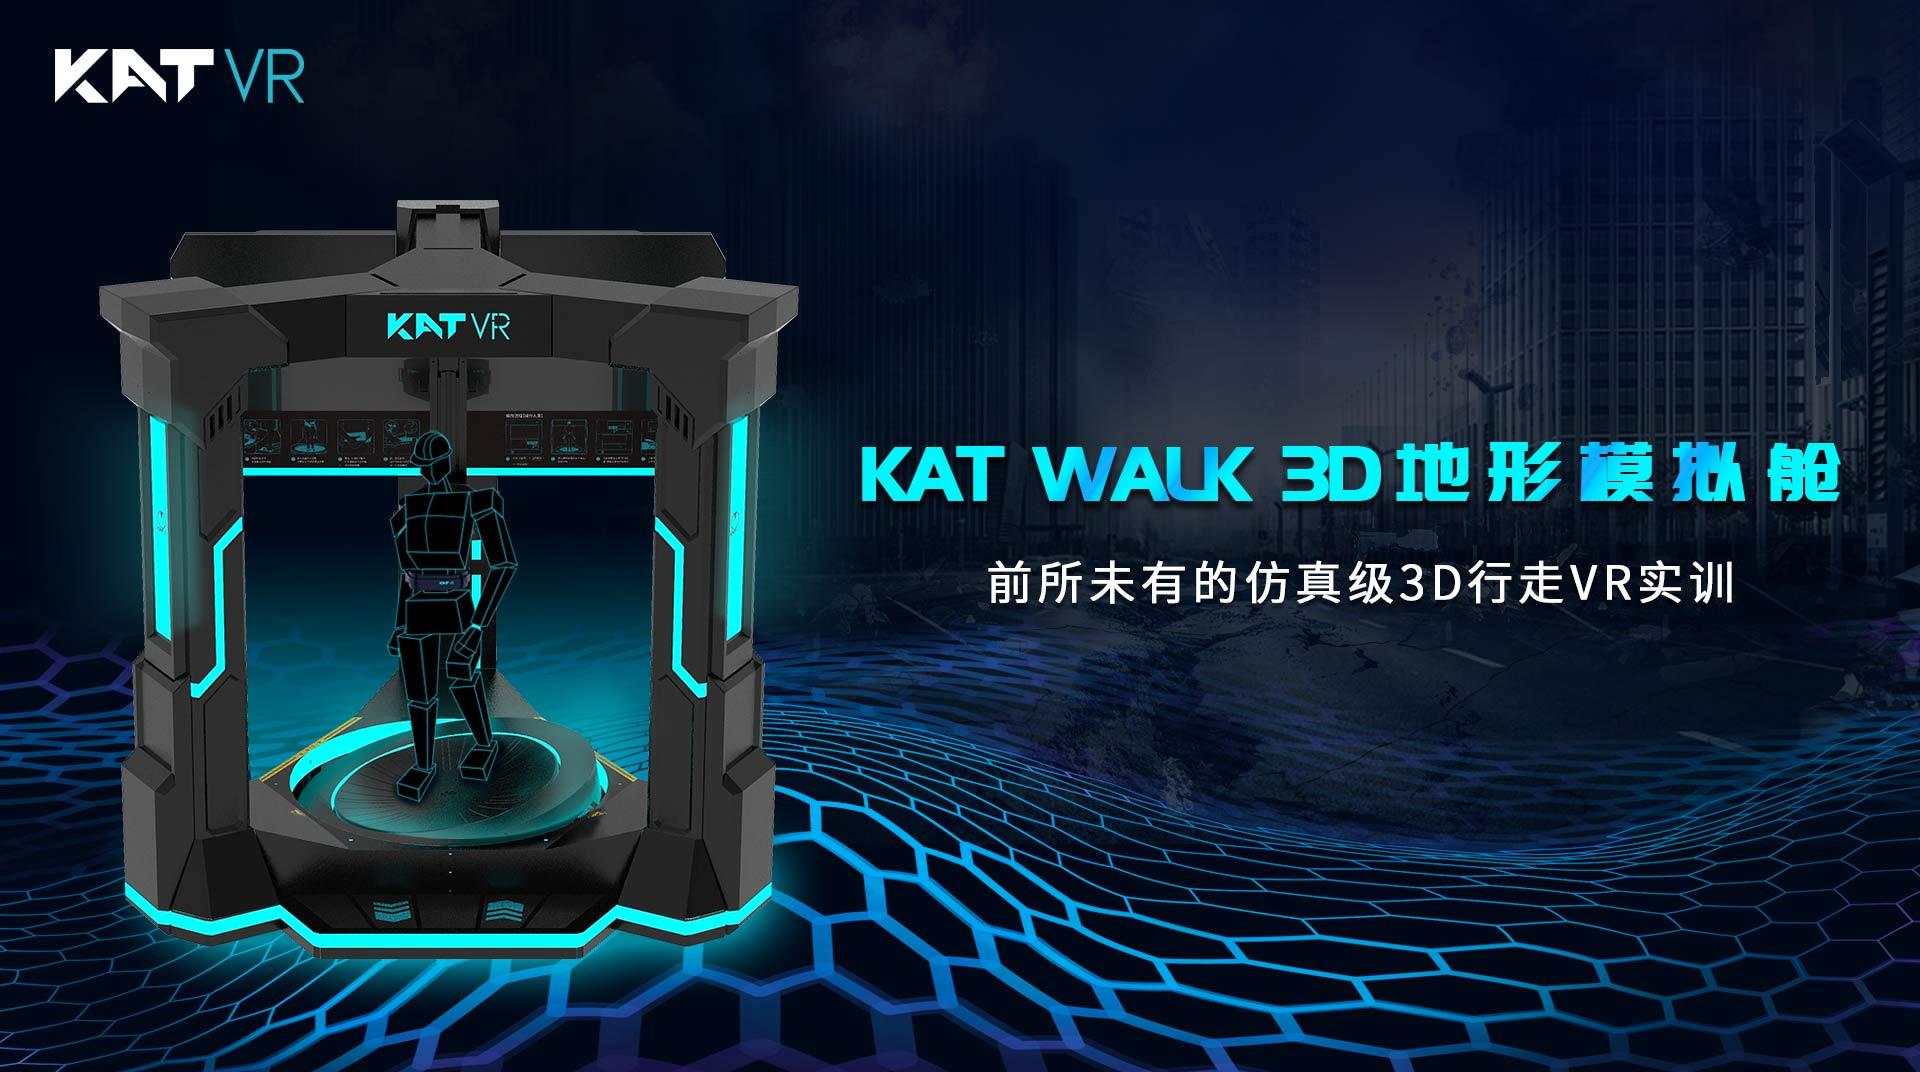 KATVR发布新品:KAT WALK 3D地形模拟舱